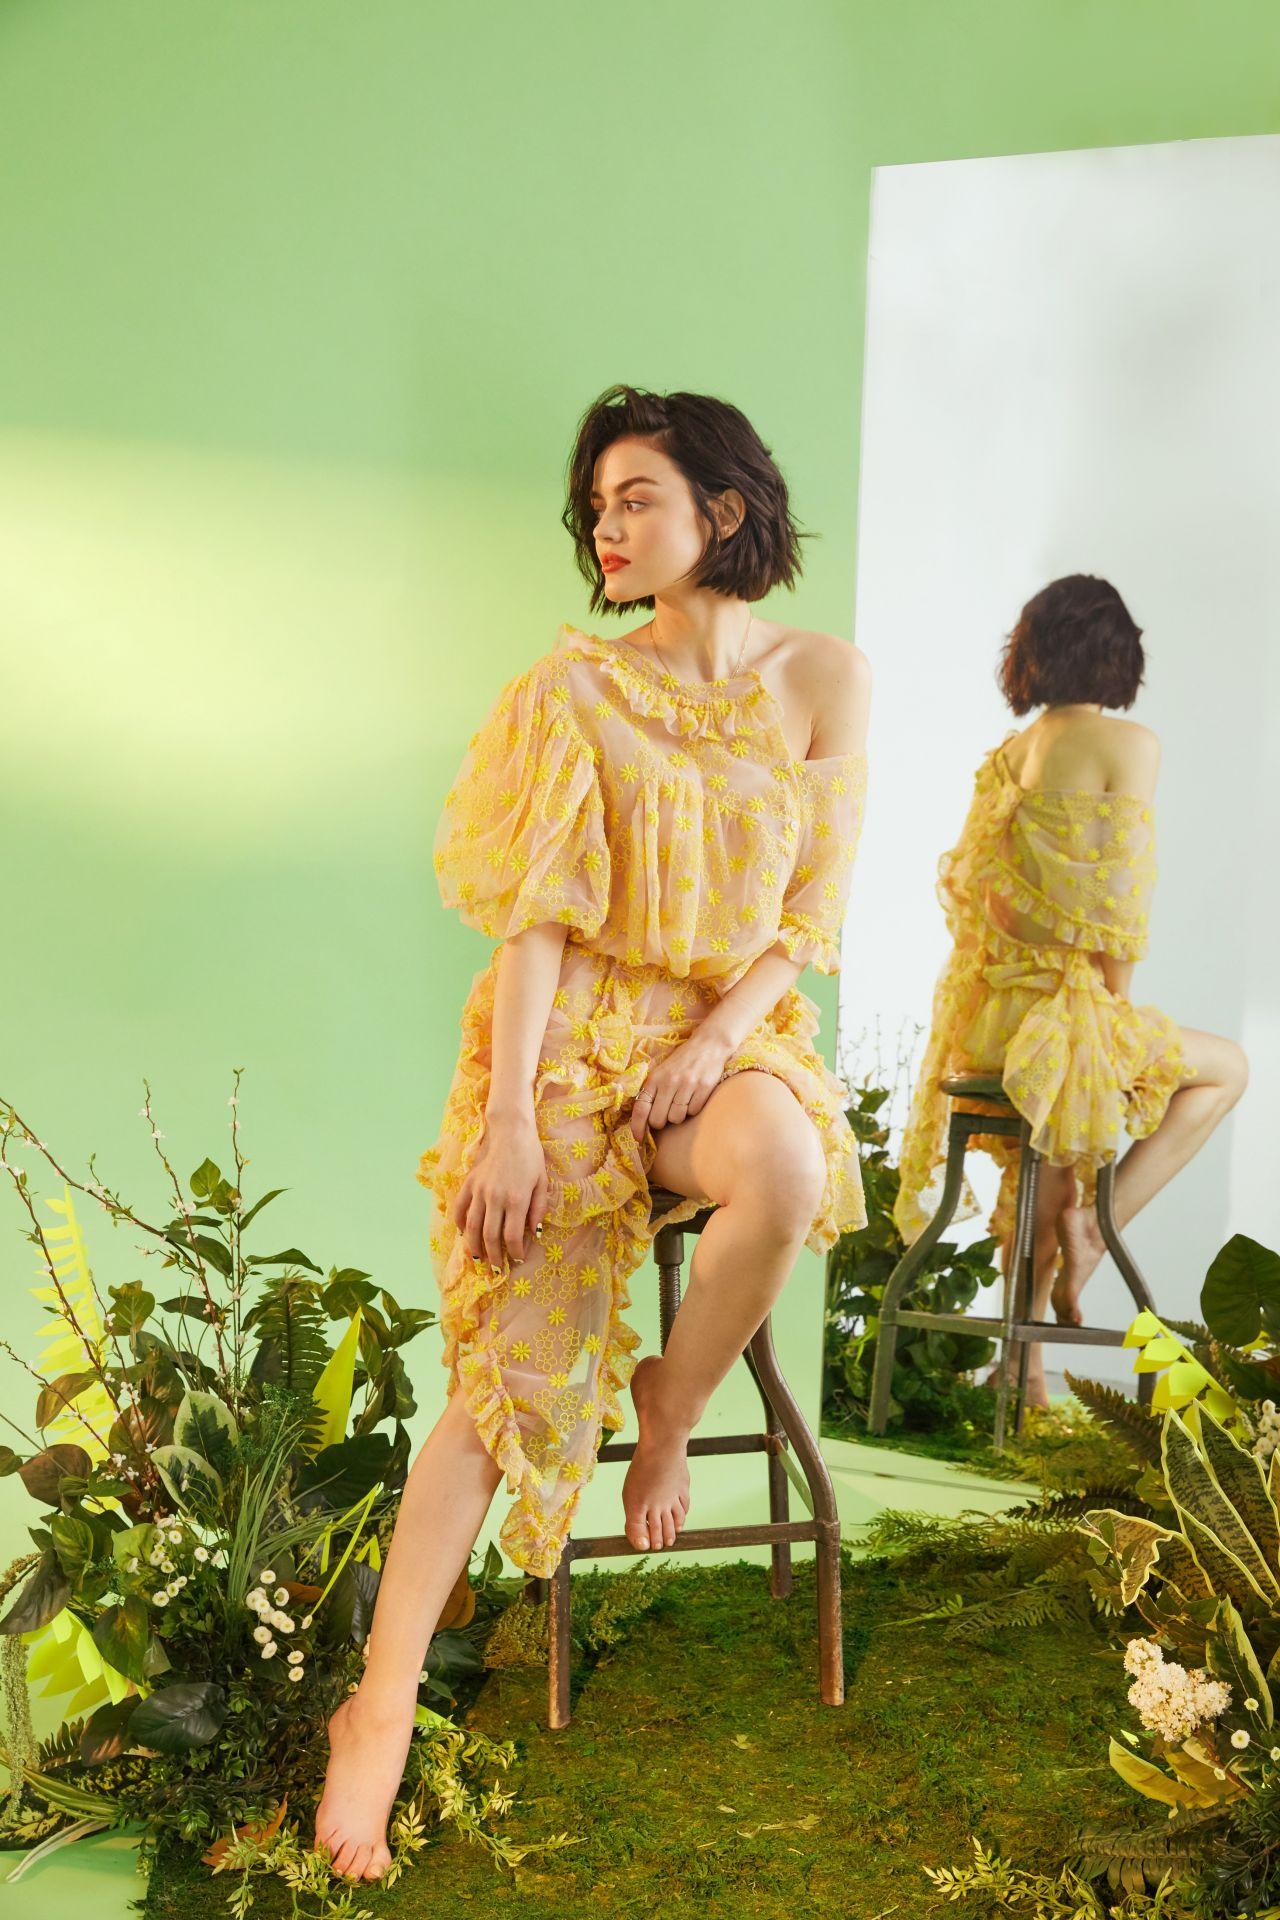 Janel Parrish Photo Shoot Lucy Hale - Bustle Pho...